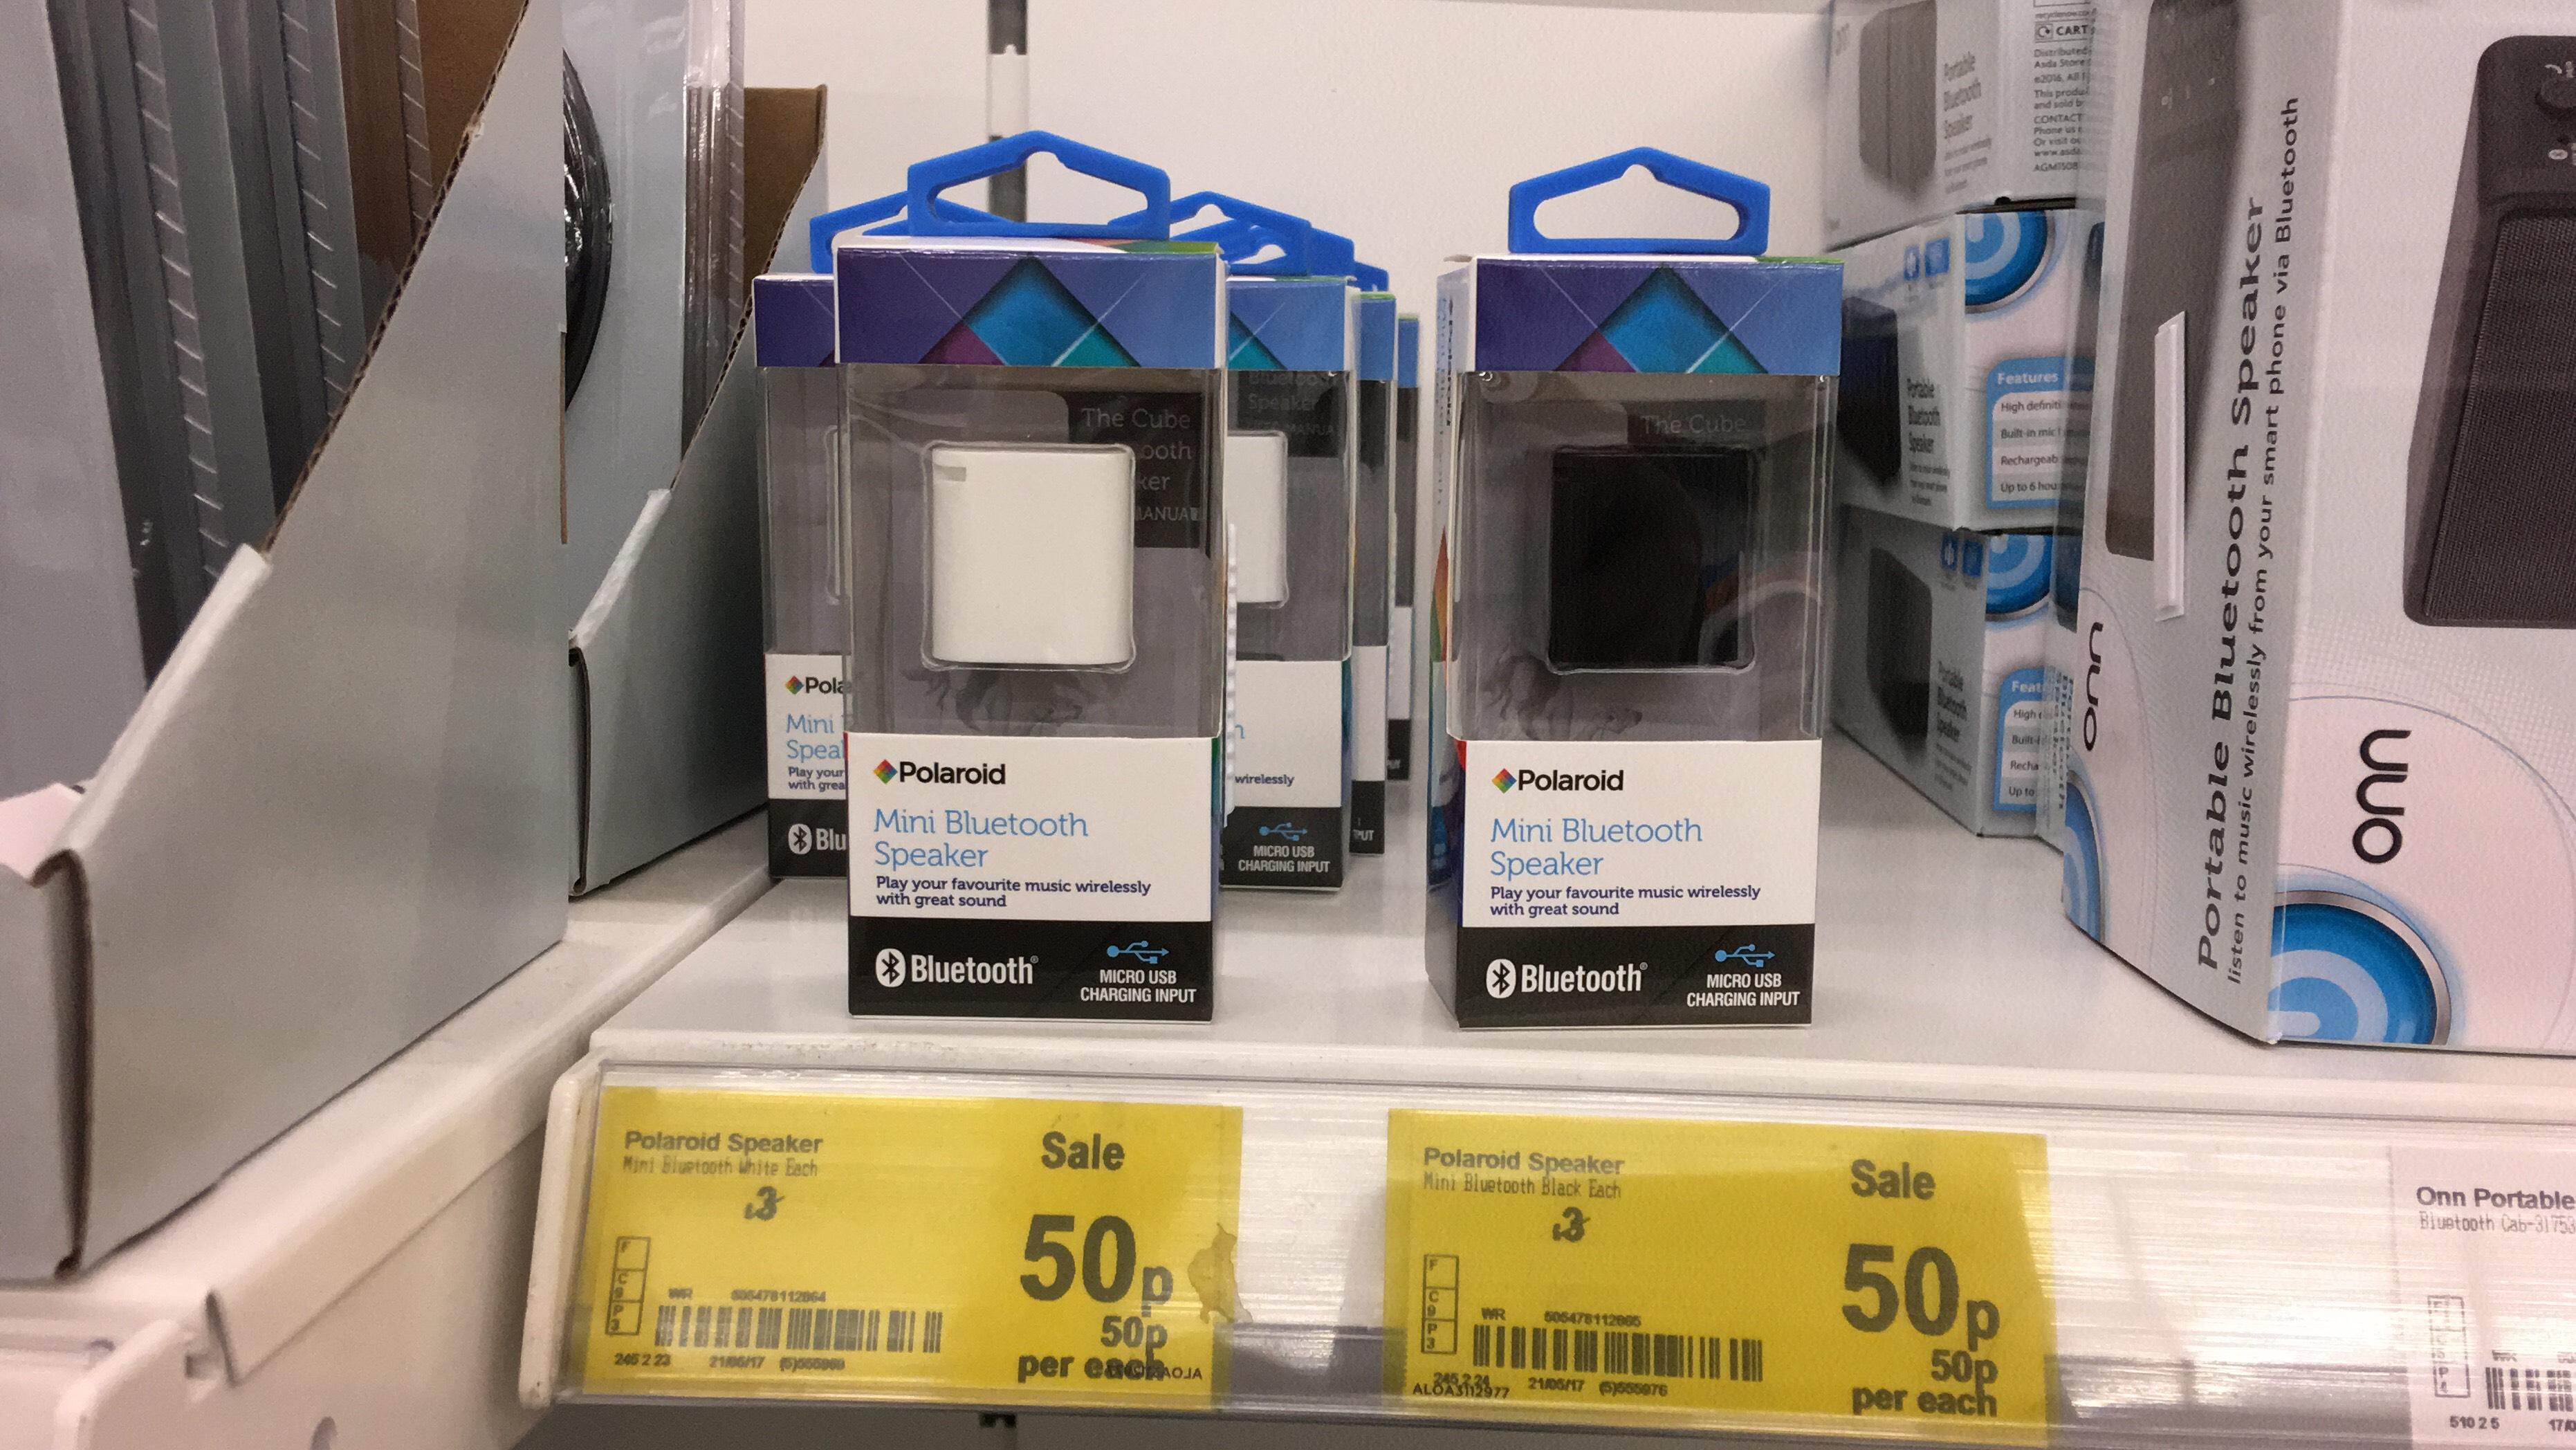 Polaroid Mini Bluetooth Speaker was £10 then £3 now 50p at Asda